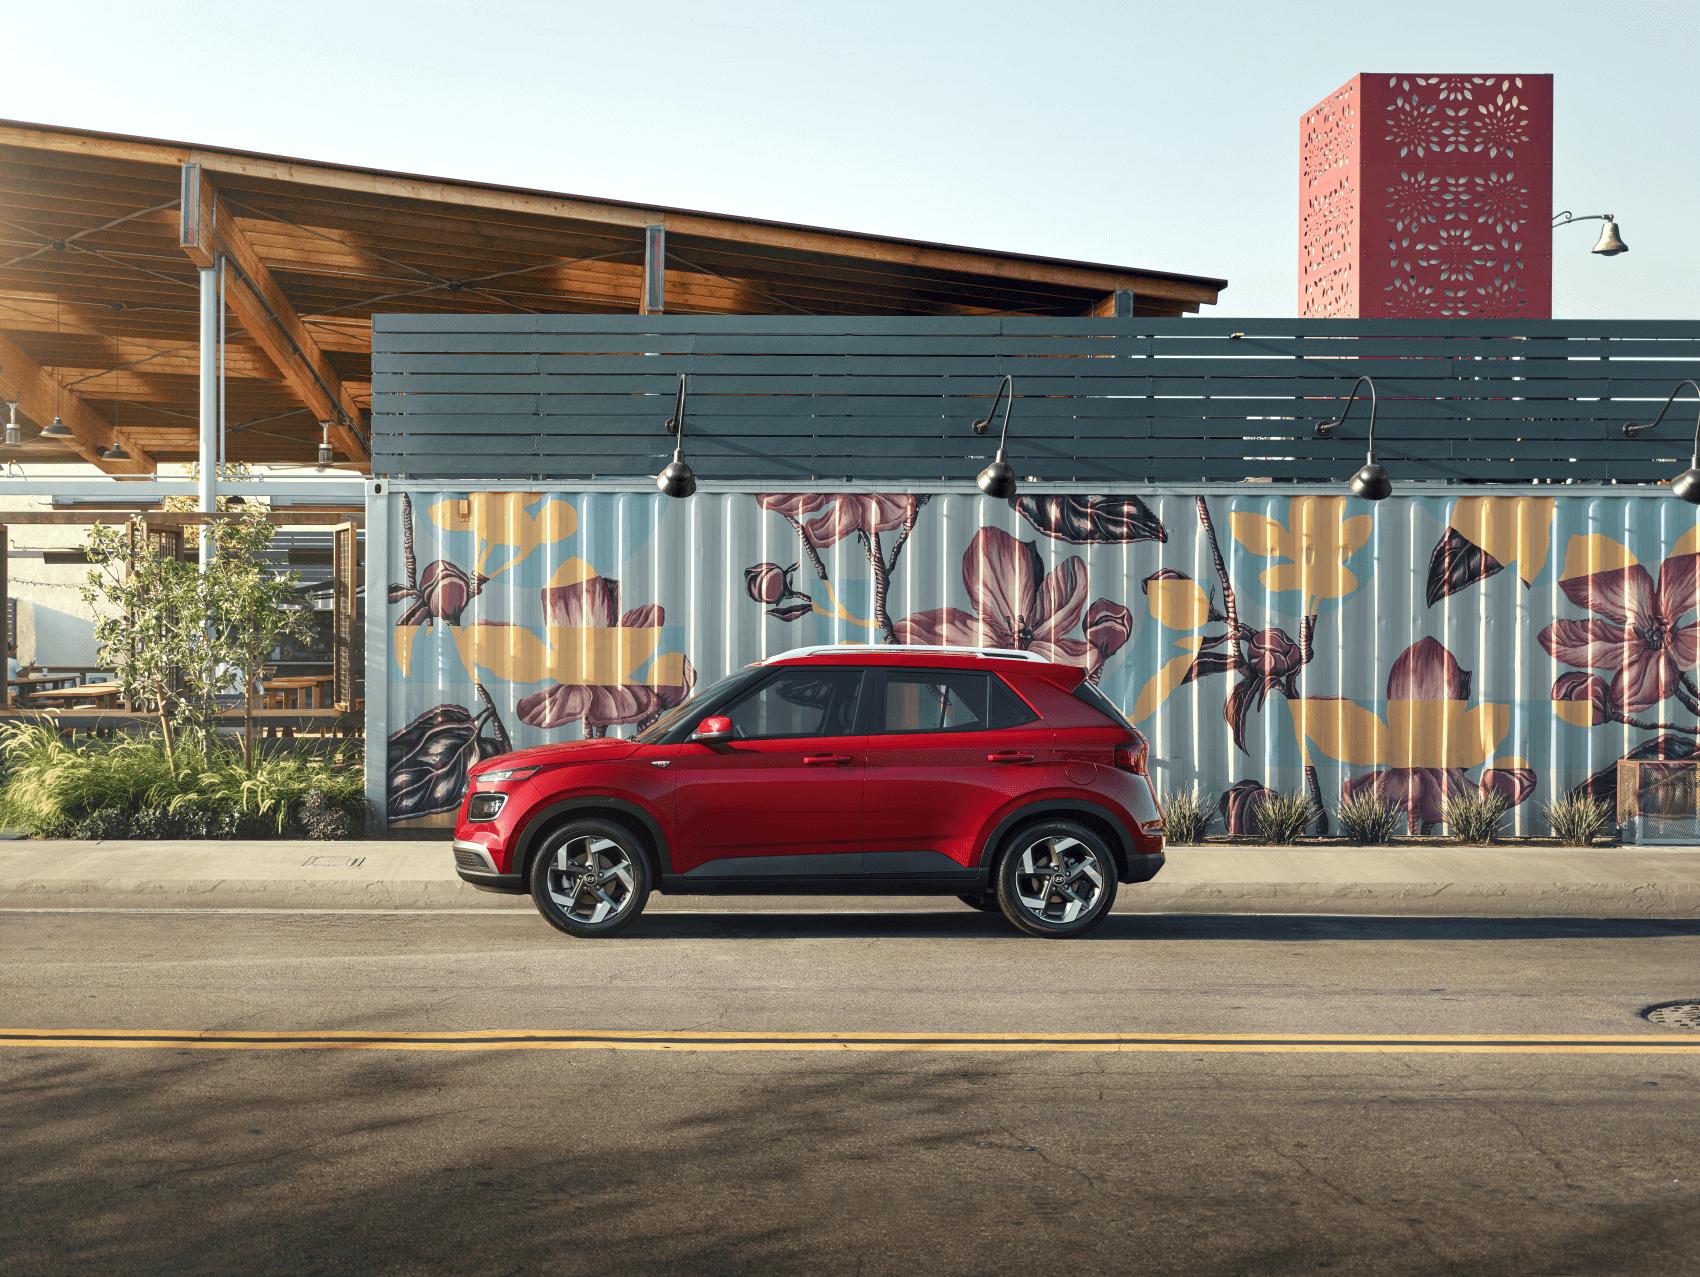 2020 Hyundai Venue Scarlet Red Flower Mural